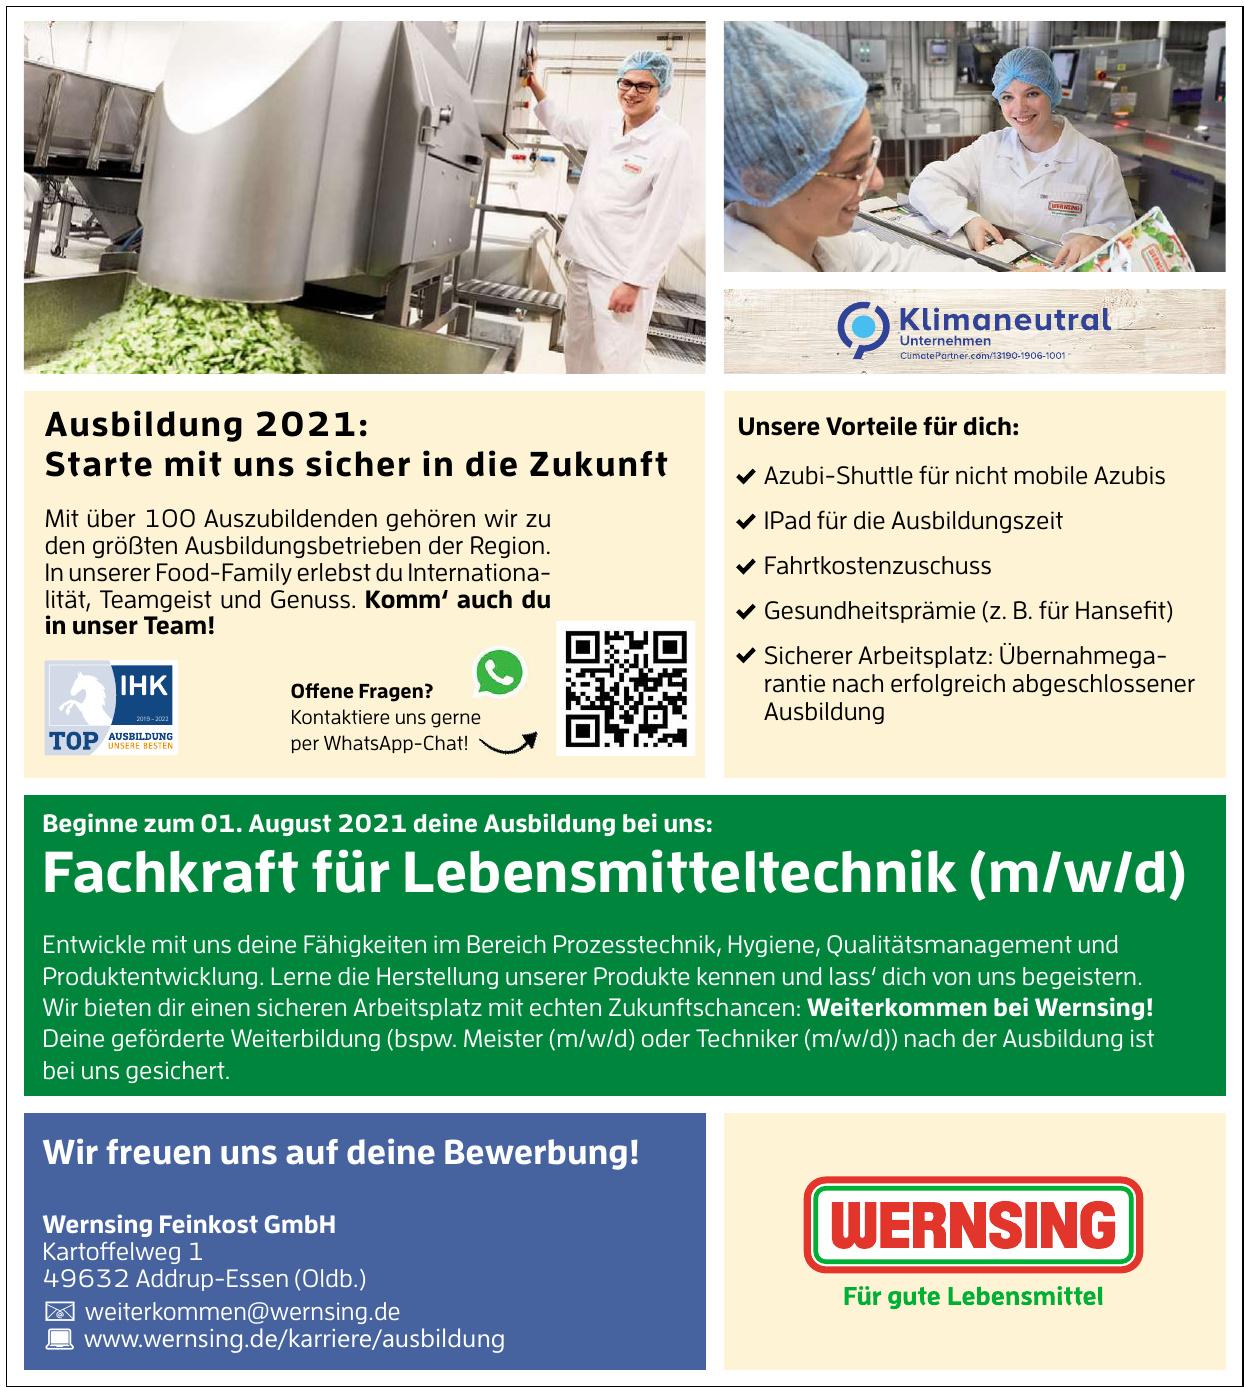 Wernsing Feinkost GmbH